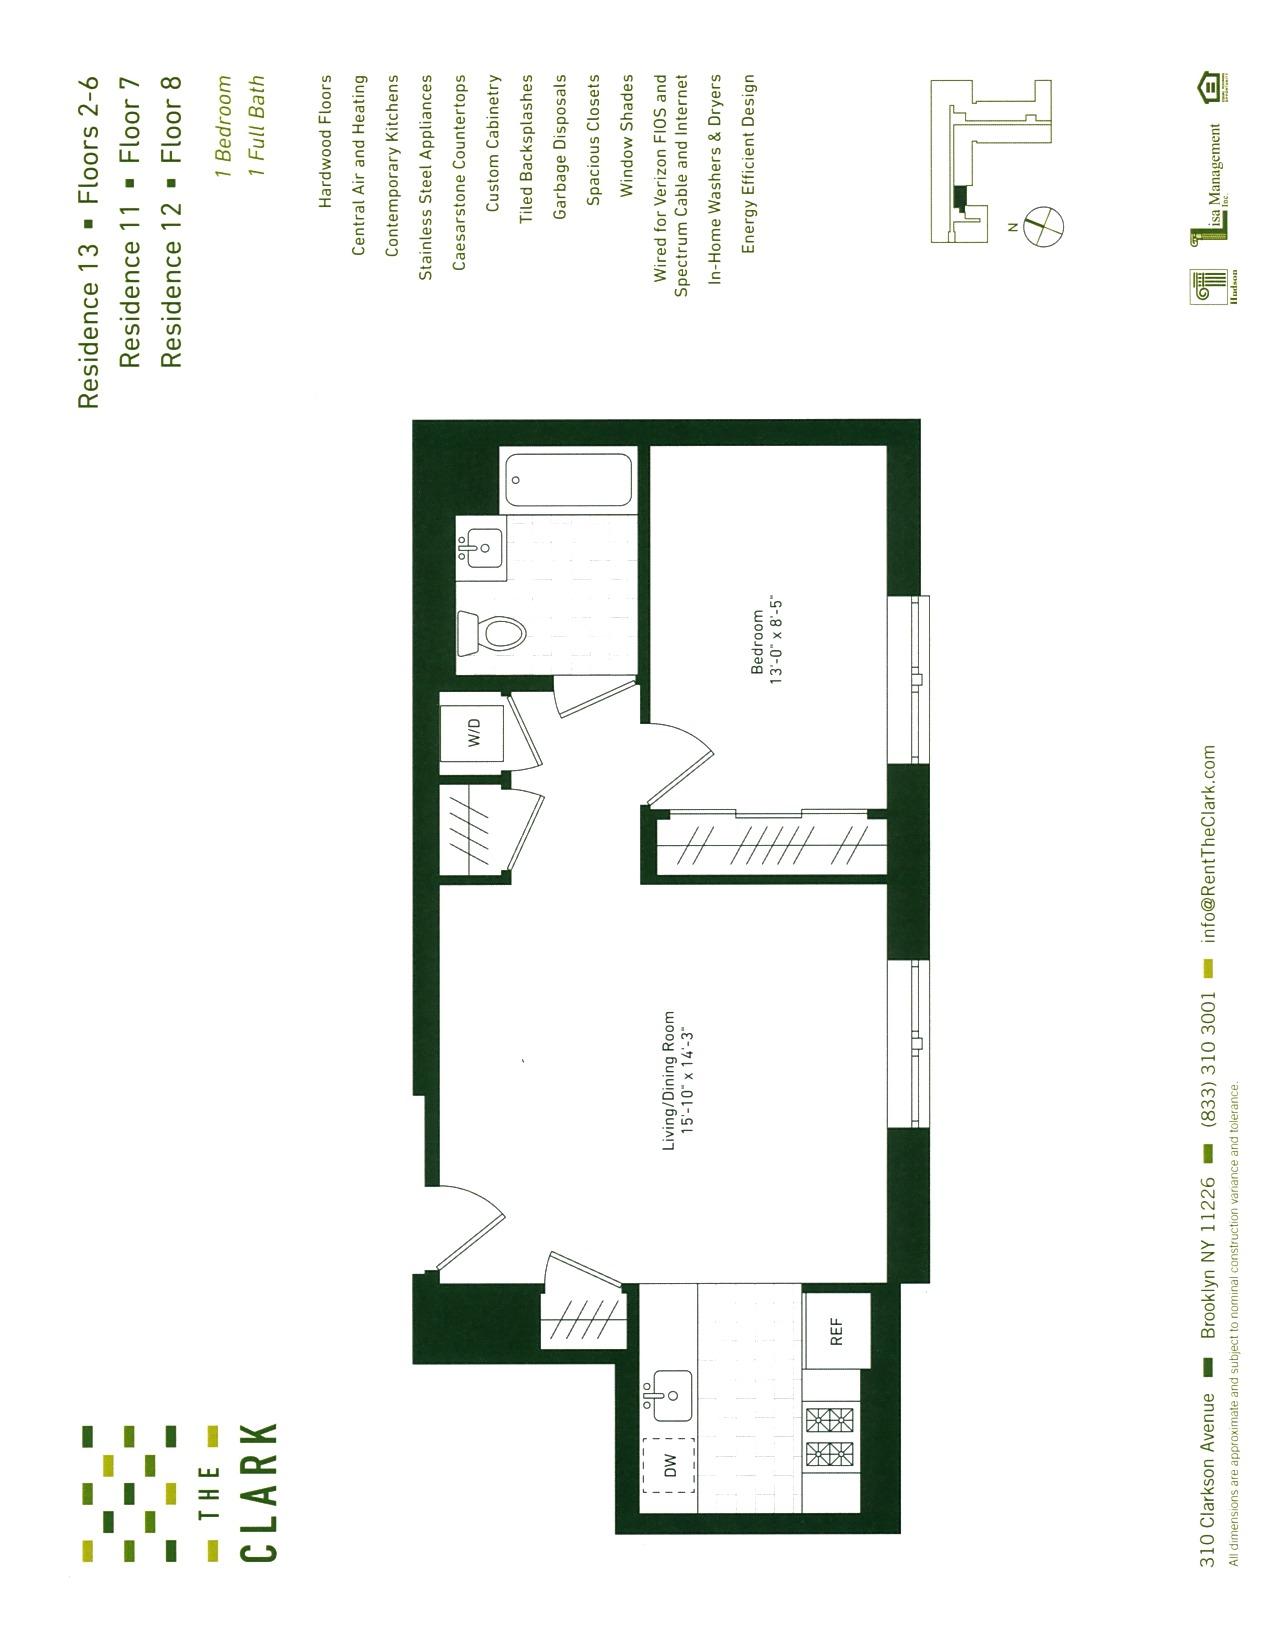 #213 Floor Plan